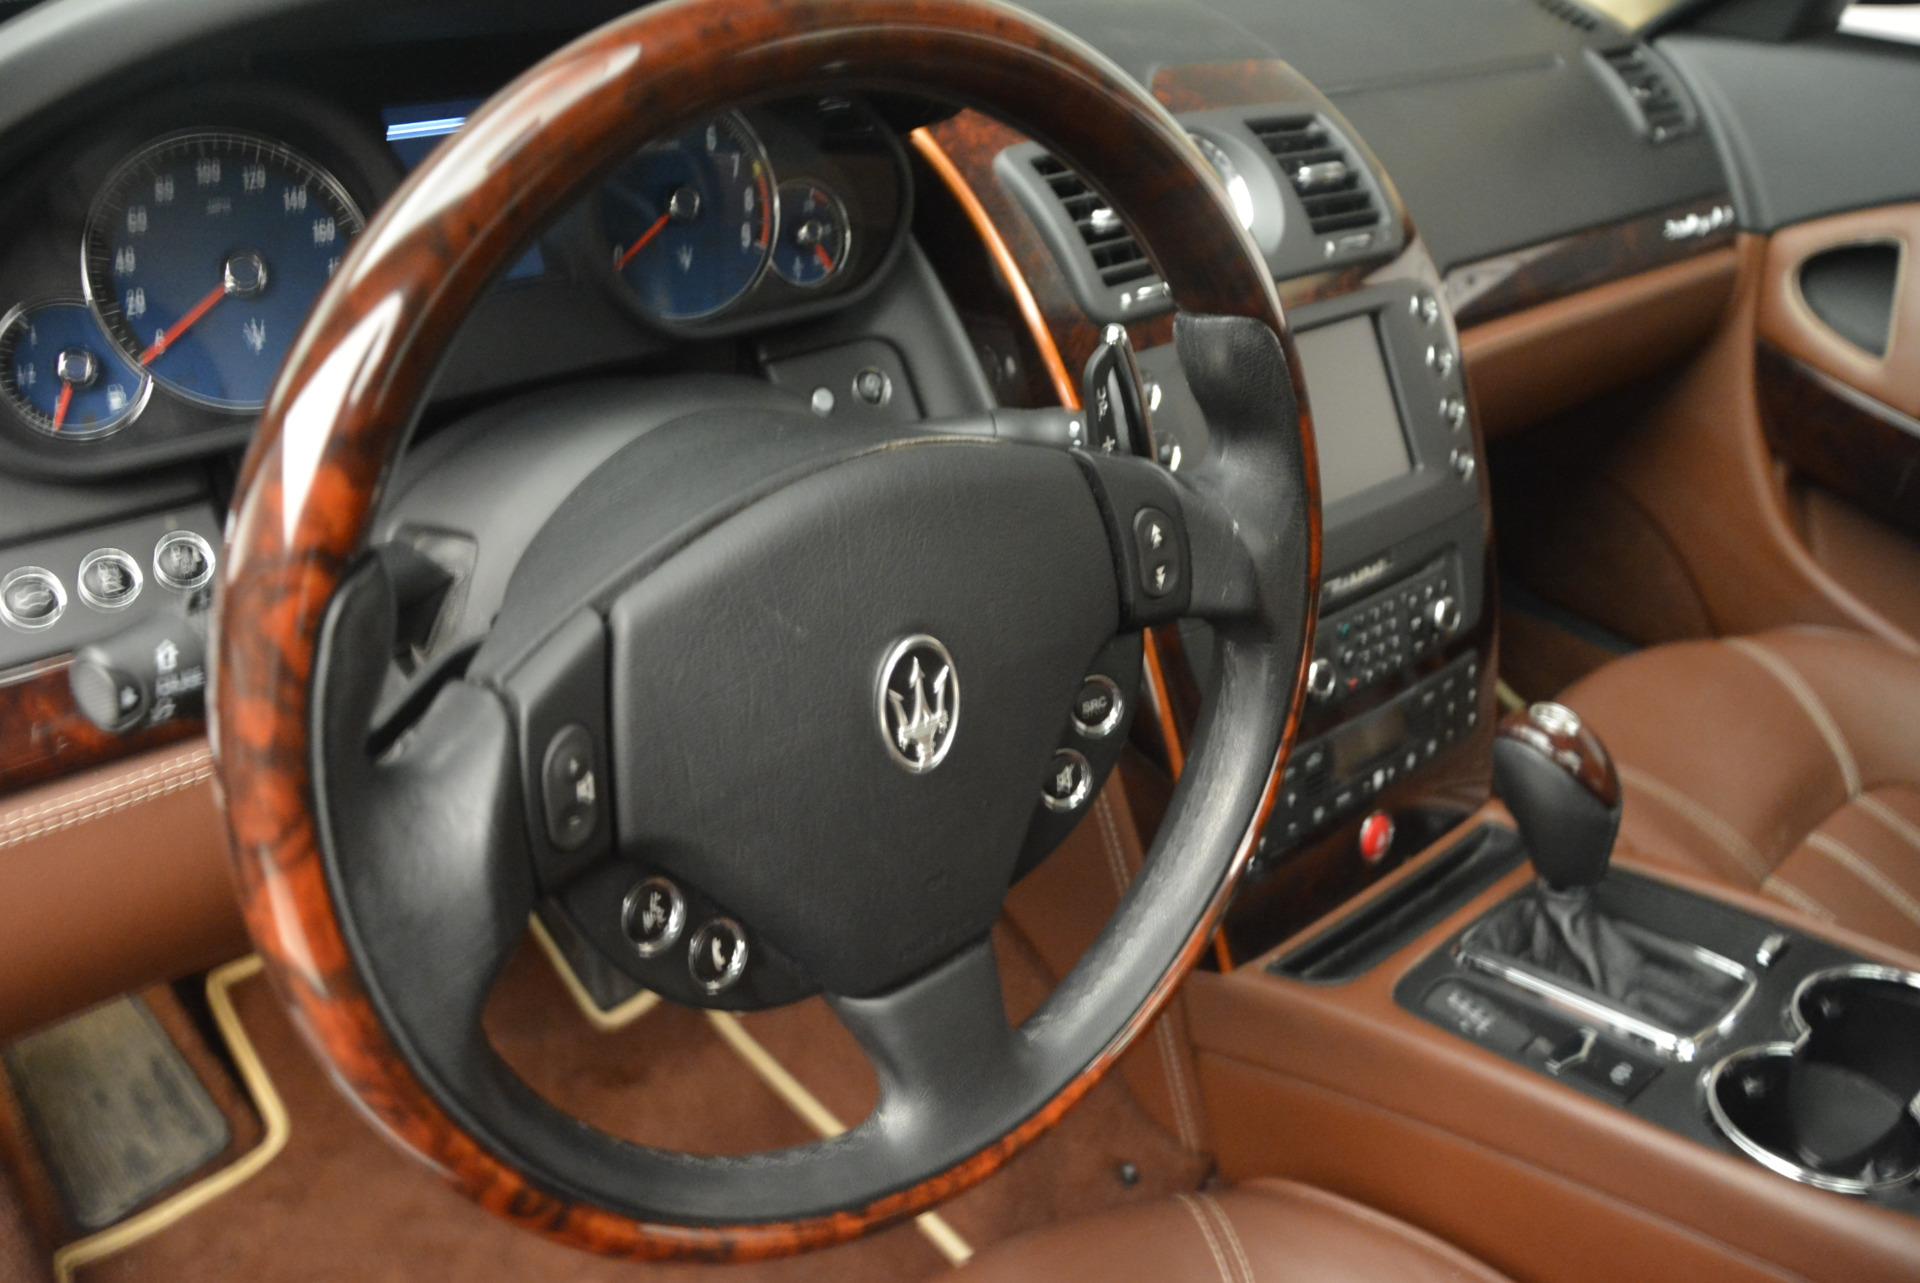 Used 2013 Maserati Quattroporte S For Sale In Greenwich, CT 1012_p16